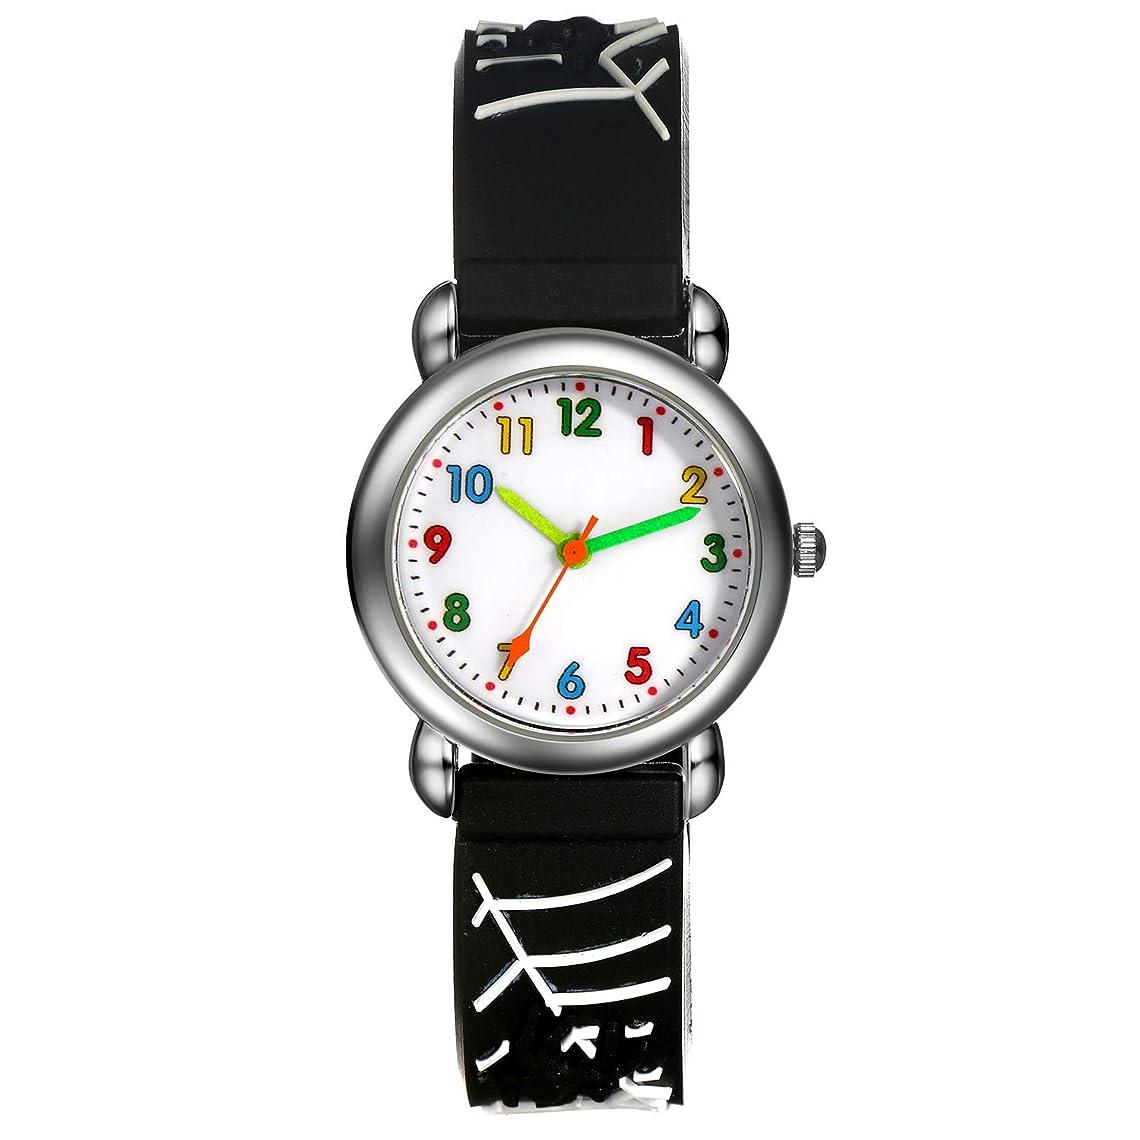 有利リム形状子供腕時計 ボーイズスポーツウォッチ アウトドア多機能防水 アラート 日付曜日表示 デュアルタイム LED アナログ表示 女の子男の子 デジタルウォッチ (レッド)